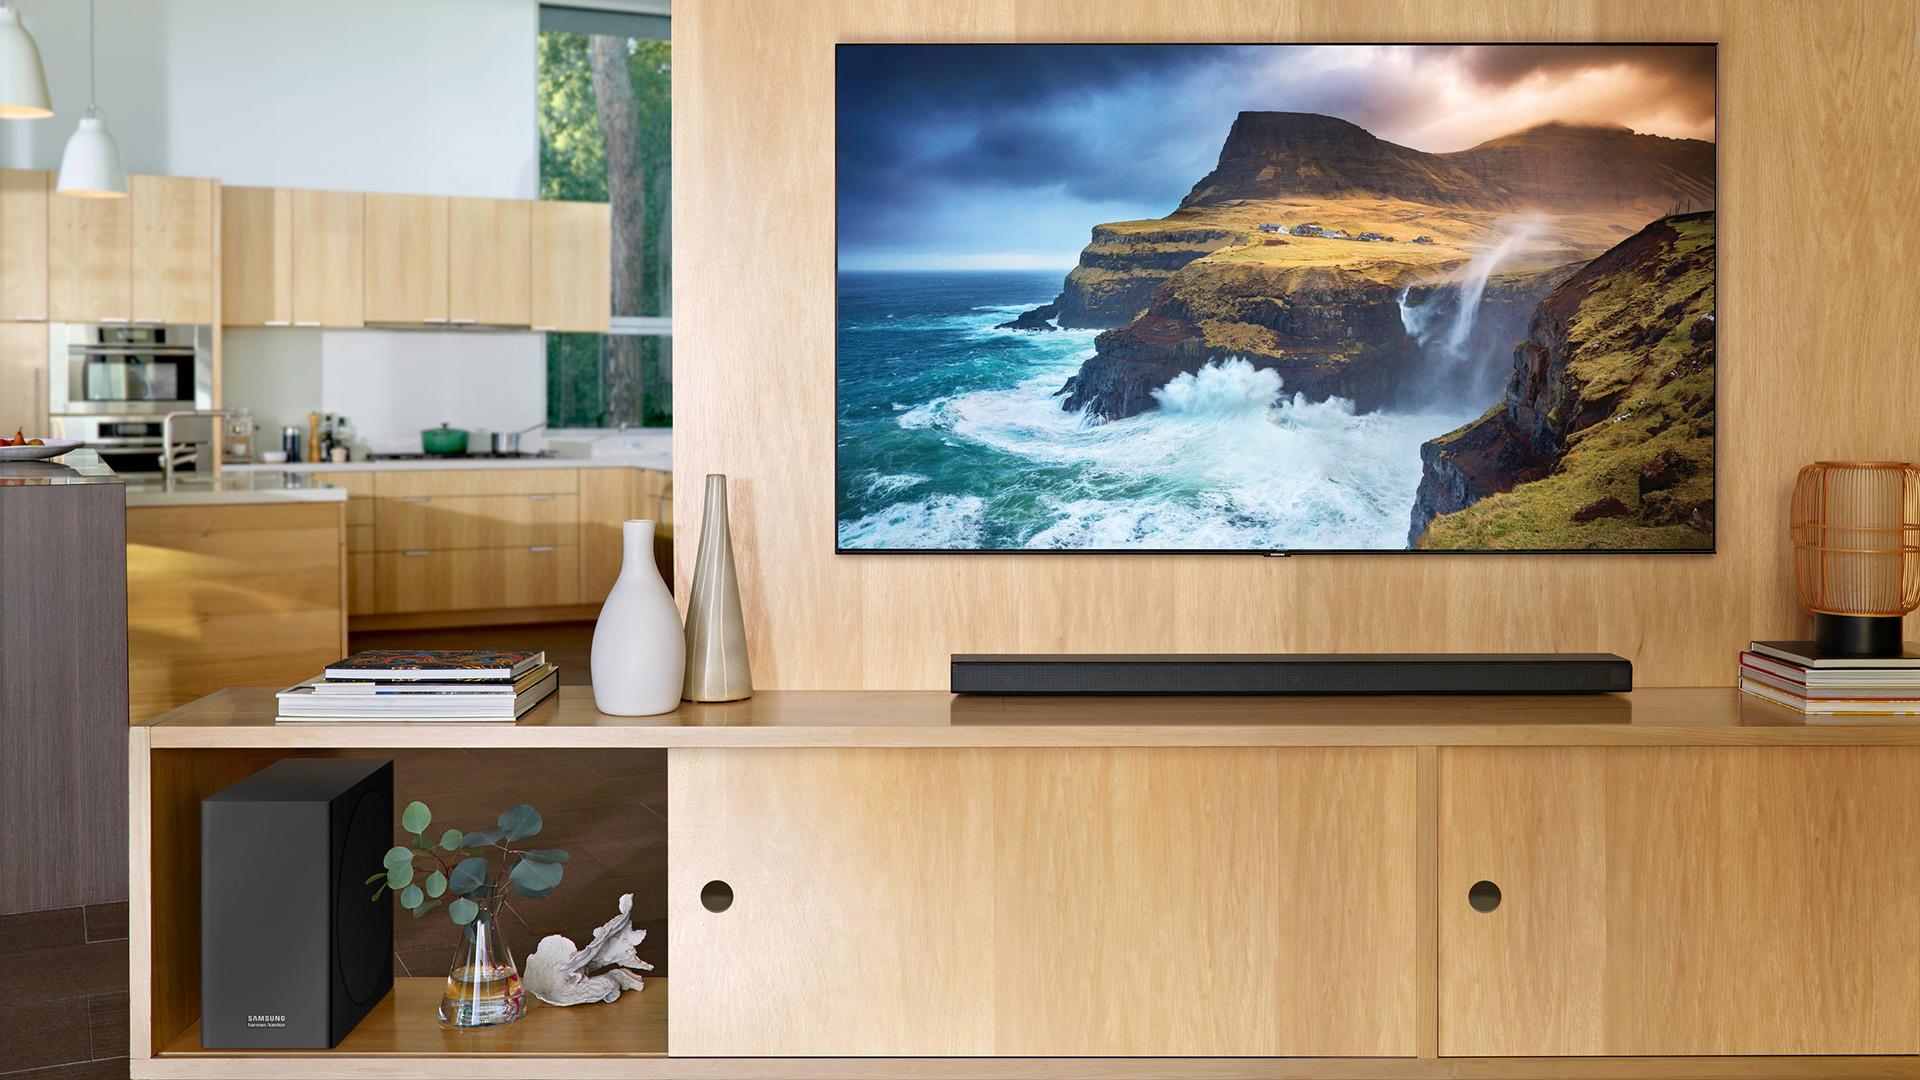 Samsung Q70 Qled Tv Review Techradar